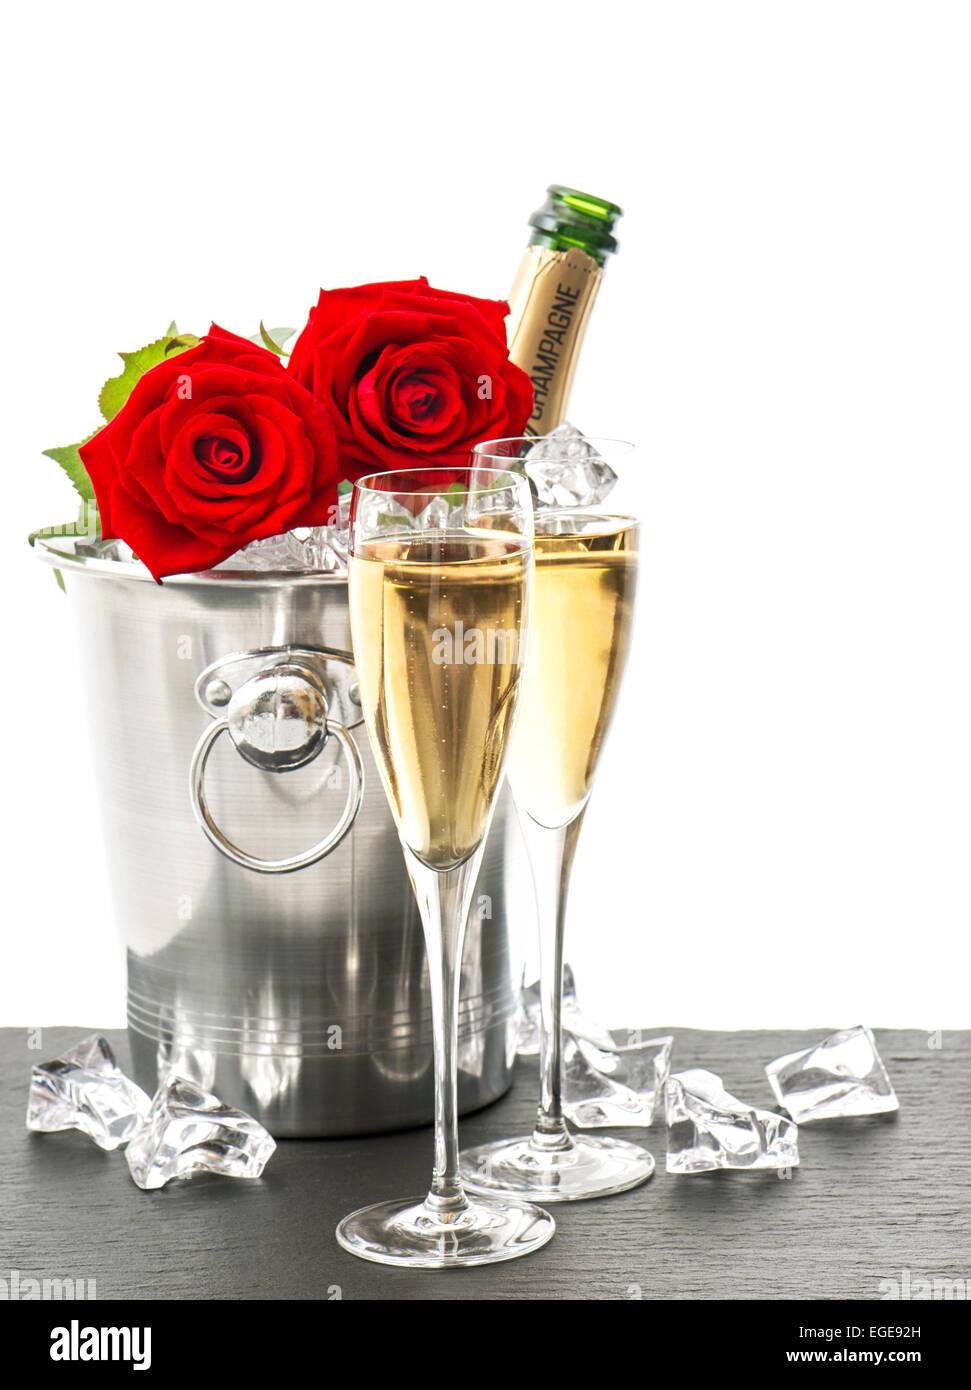 Mazzo Di Fiori E Spumante.Champagne Due Bicchieri E Rose Rosse Disposizione Di Festa Con